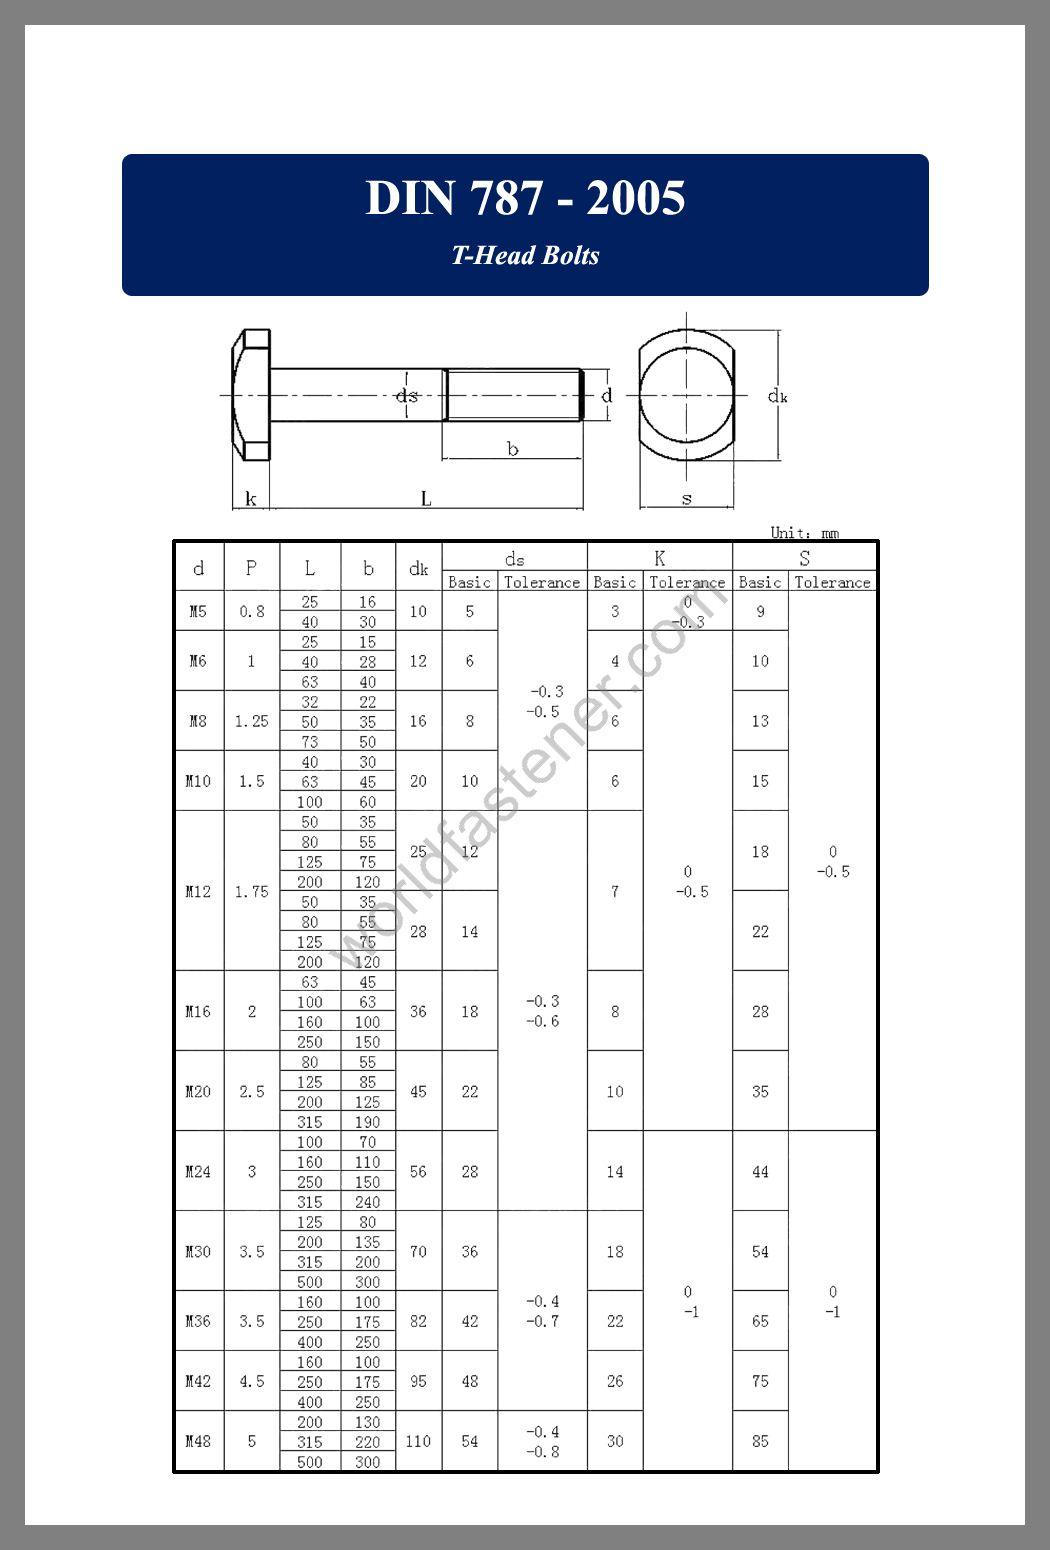 DIN 787, DIN 787 T-Head Bolts with Nib, fastener, screw, bolt